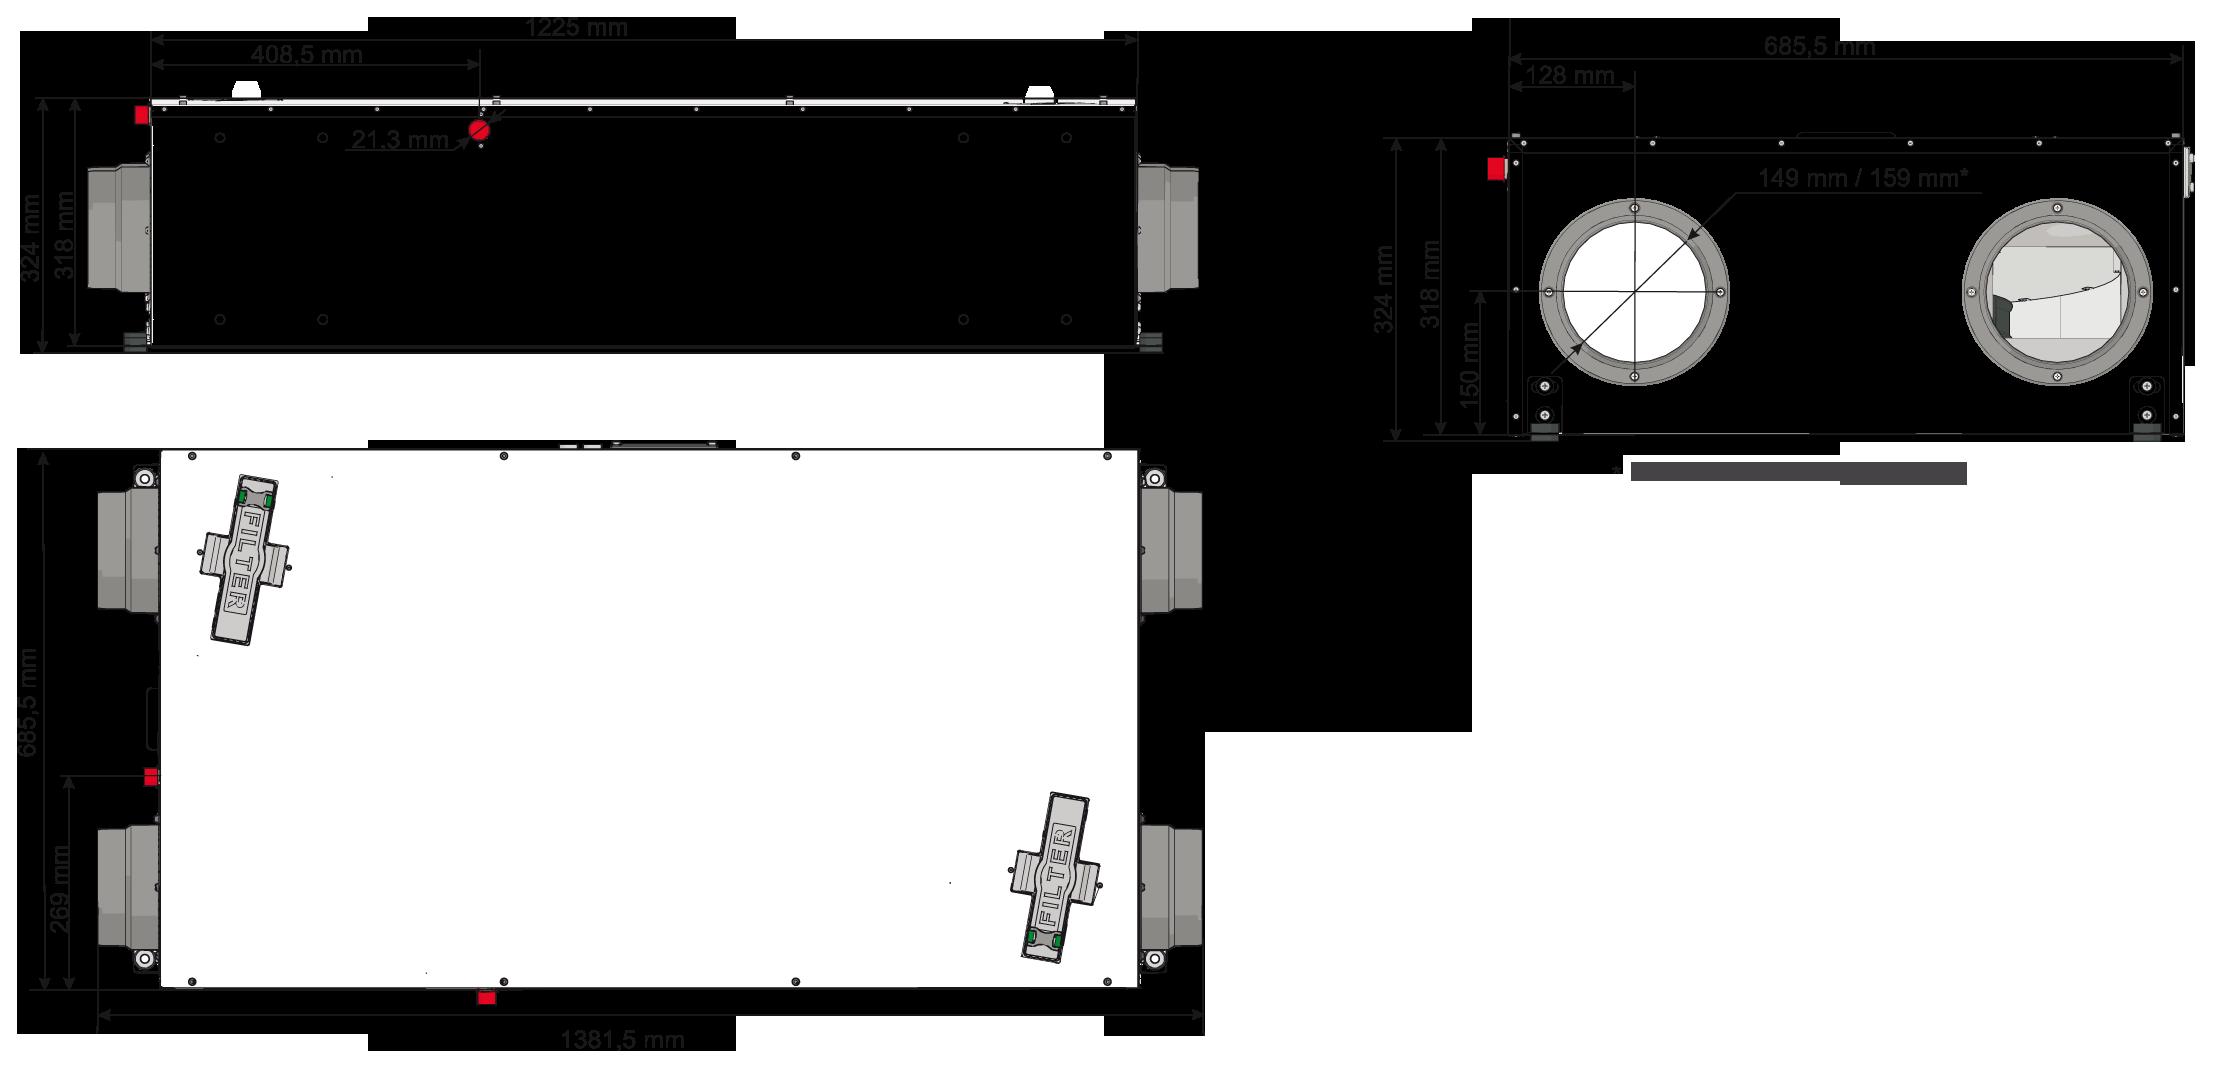 centrala wentylacyjna salda smarty 3x p wymiary